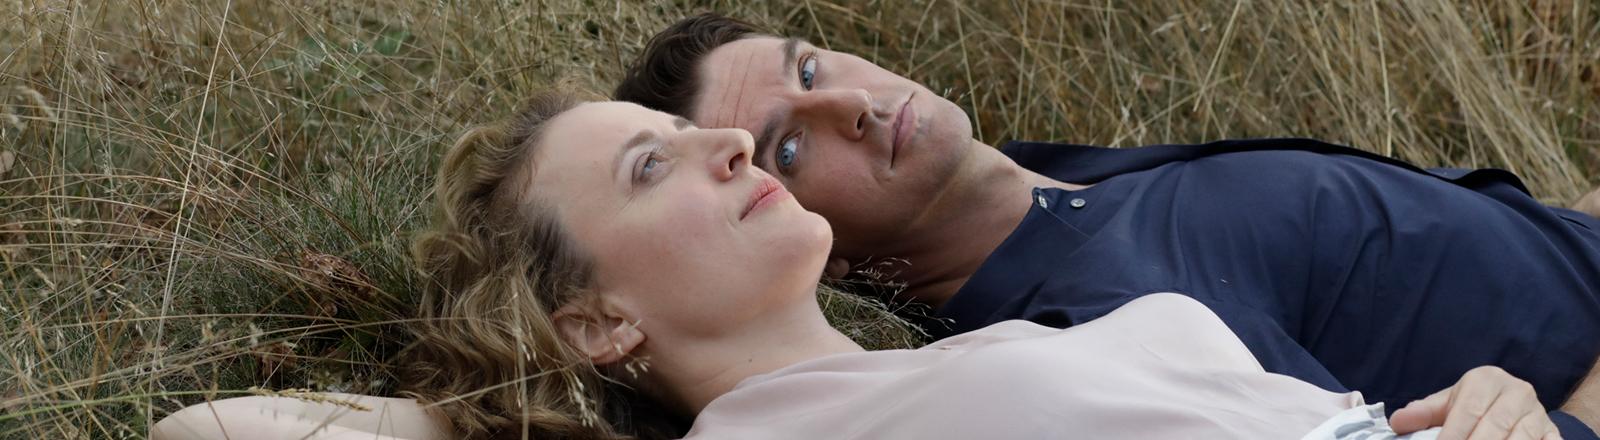 """Filmstill aus """"Ich bin dein Mensch"""": Alma (Maren Eggert) und der Androide Tom (Dan Stevens) liegen gemeinsam auf einer Wiese."""